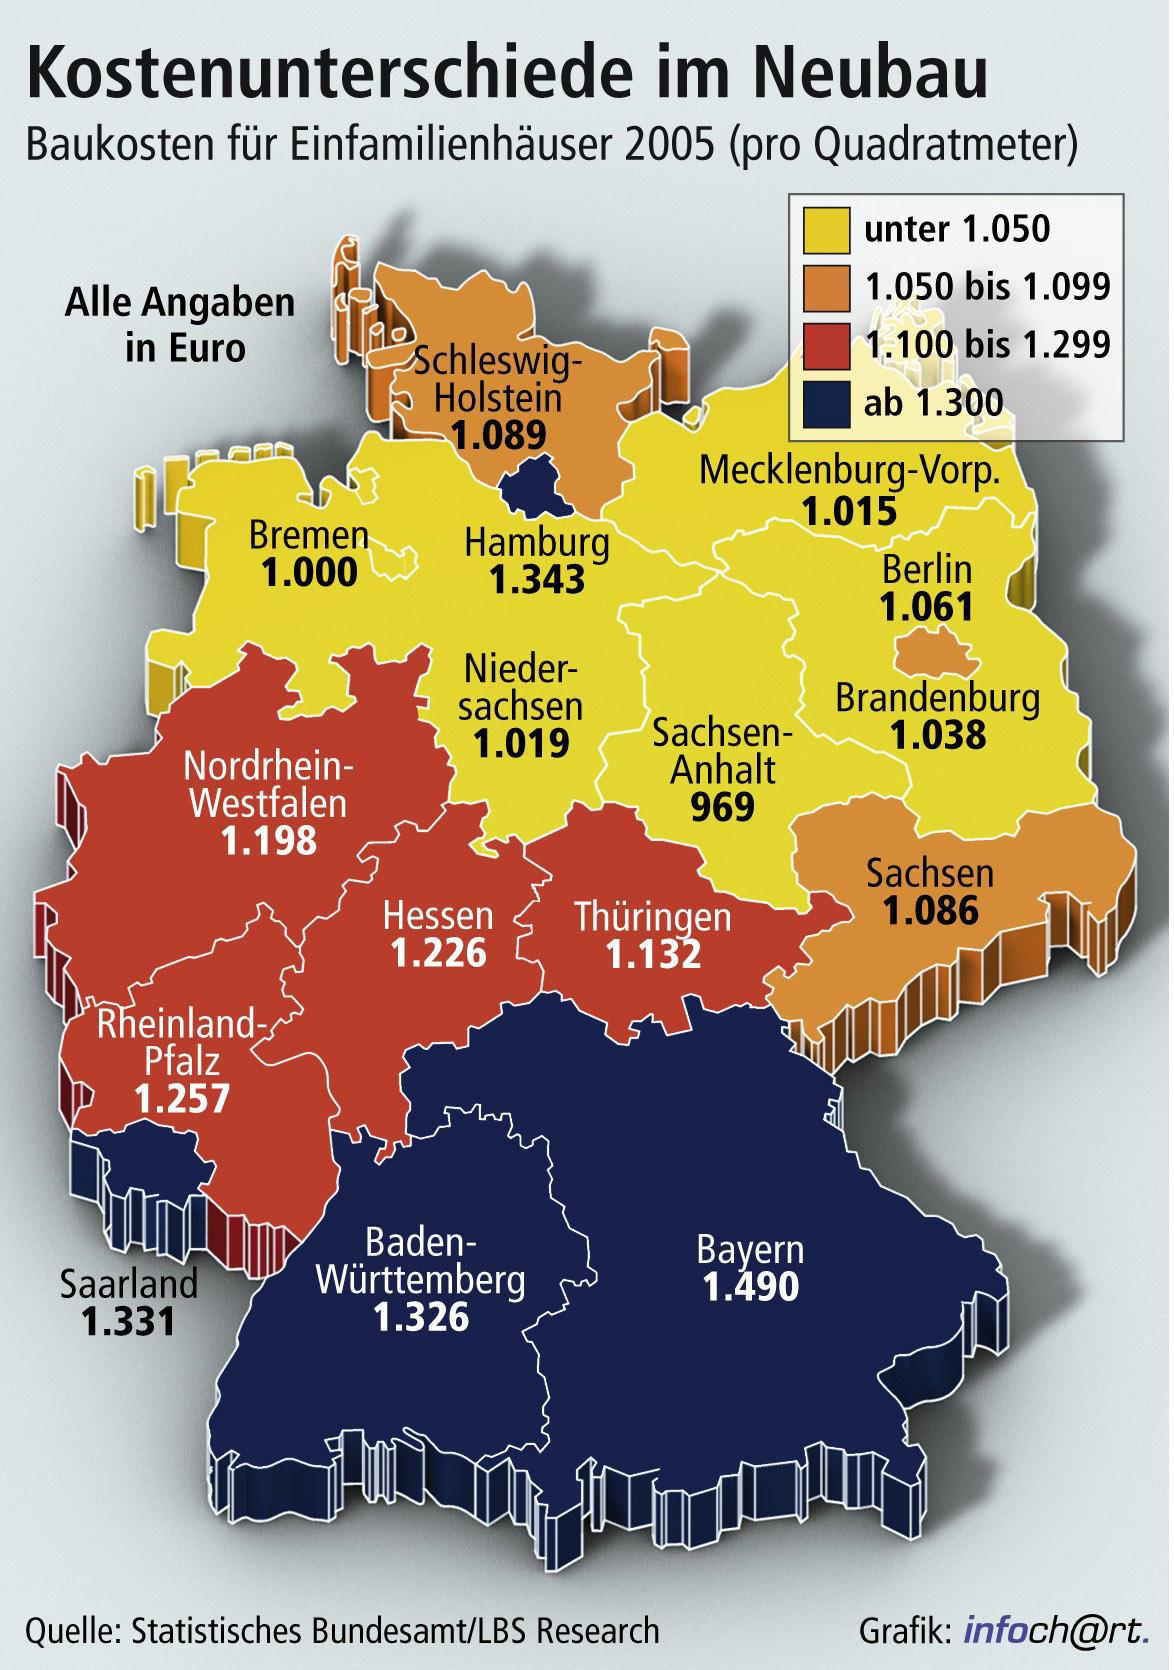 Baukosten Eine Frage Des Standorts Quadratmeter Ist In Bayern